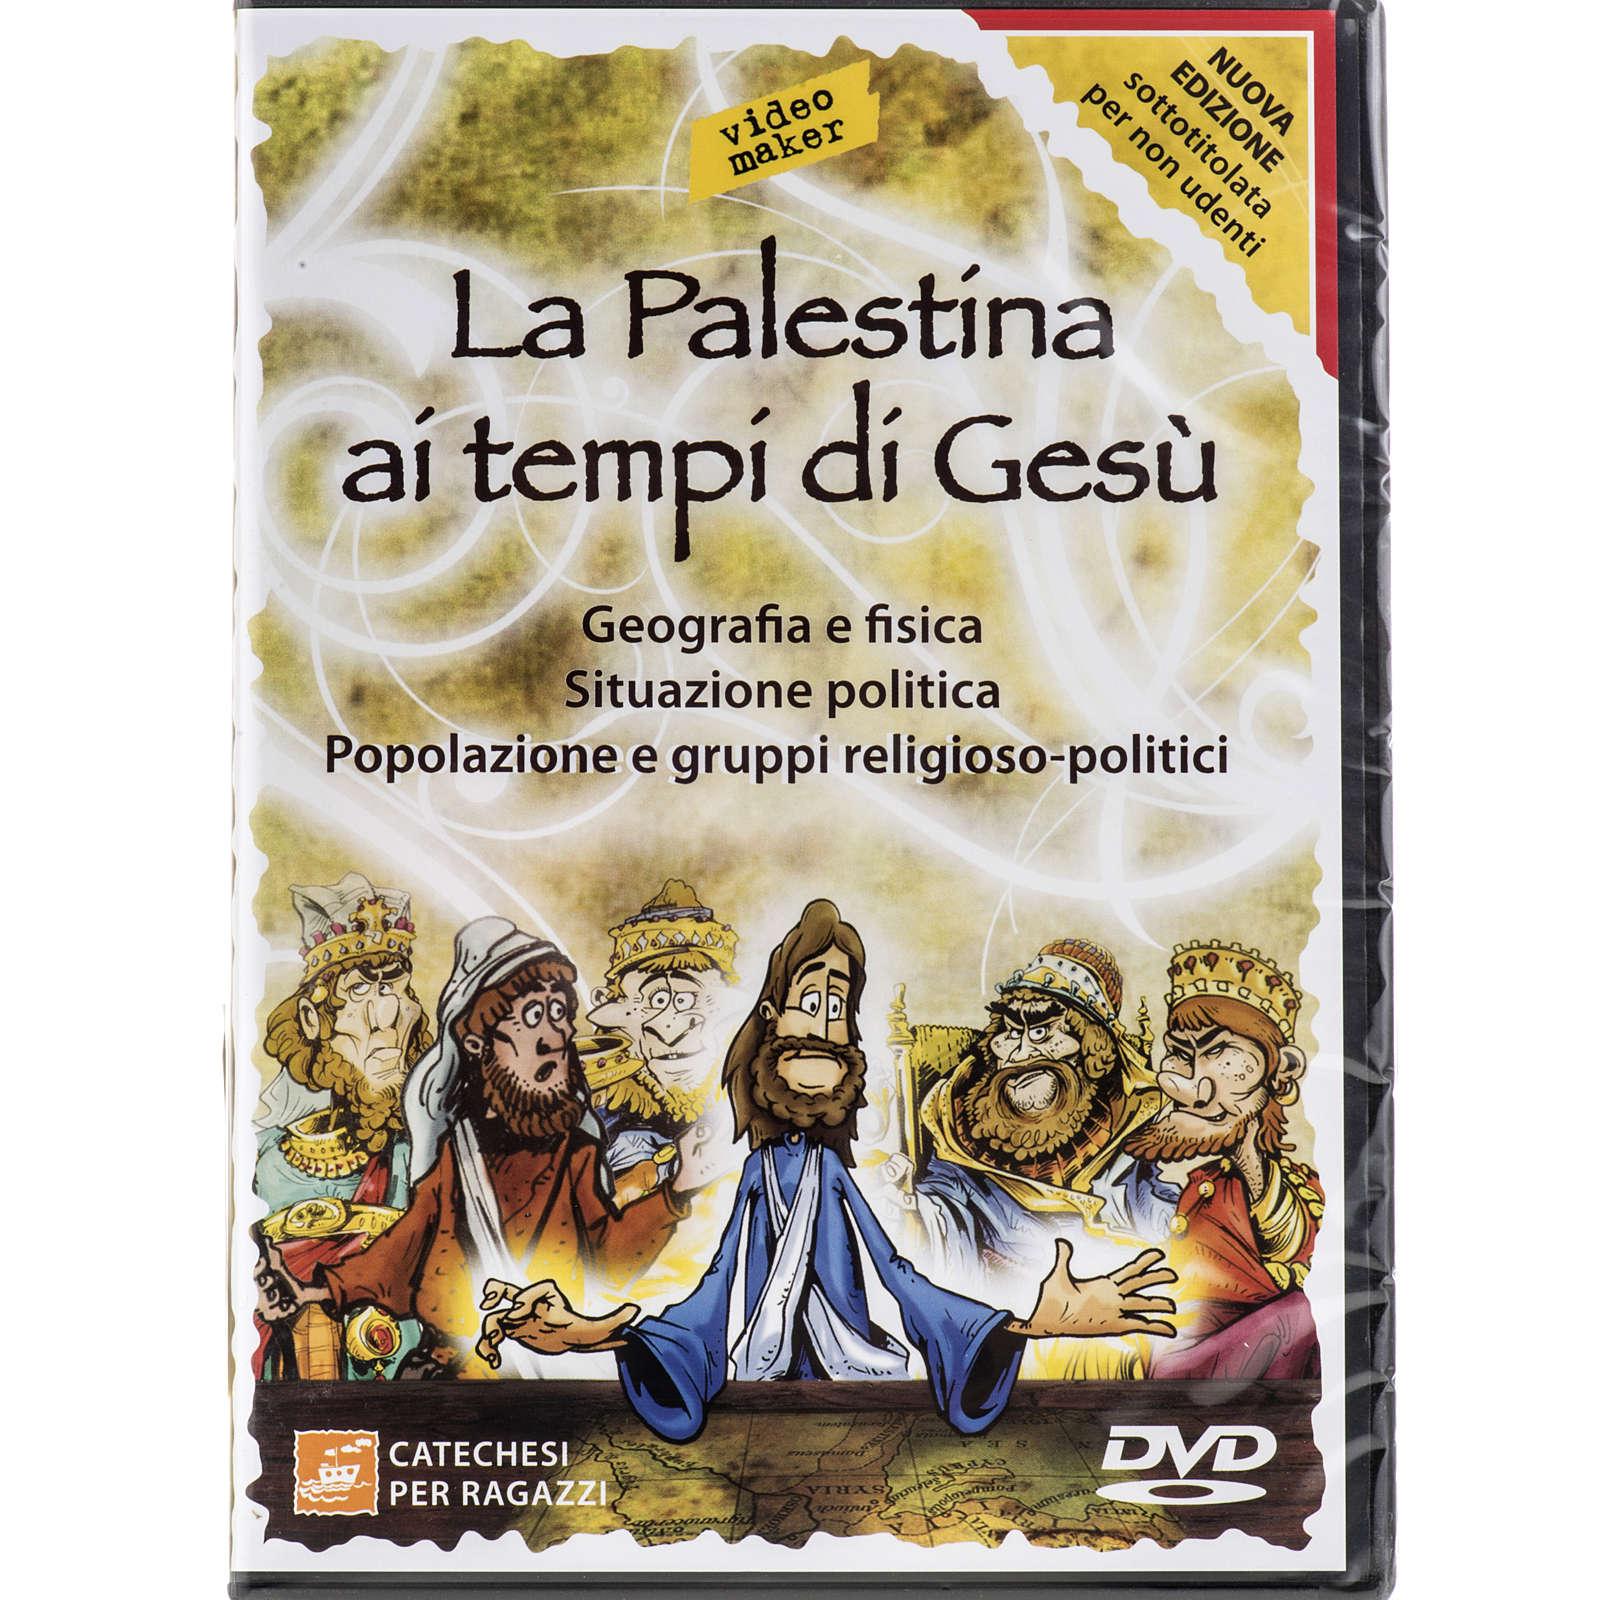 La Palestina ai tempi di Gesù 3